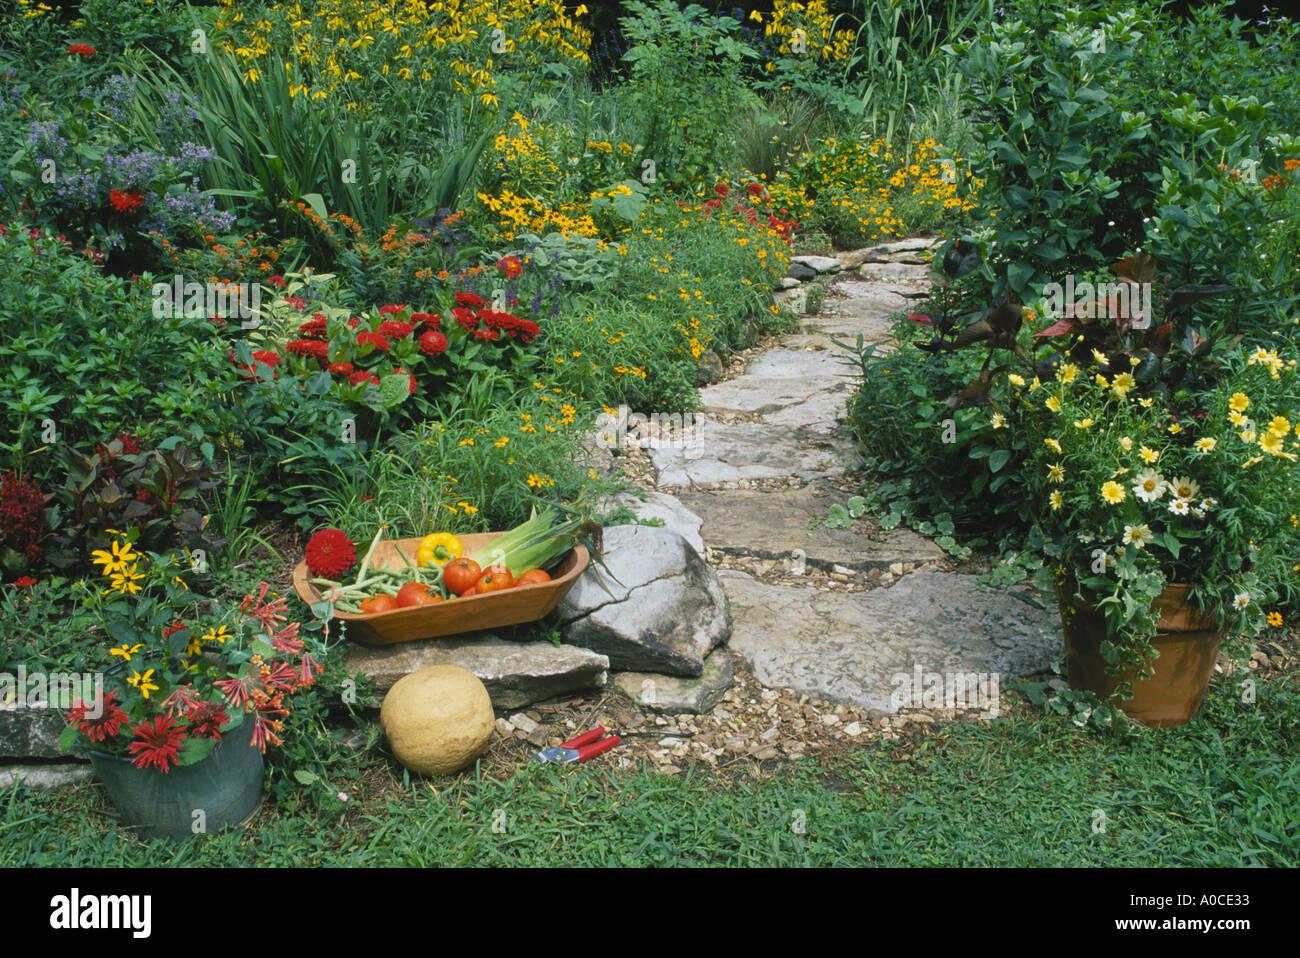 pflasterweg im heimischen garten durch gem se und blumengarten mit einj hrigen pflanzen und. Black Bedroom Furniture Sets. Home Design Ideas